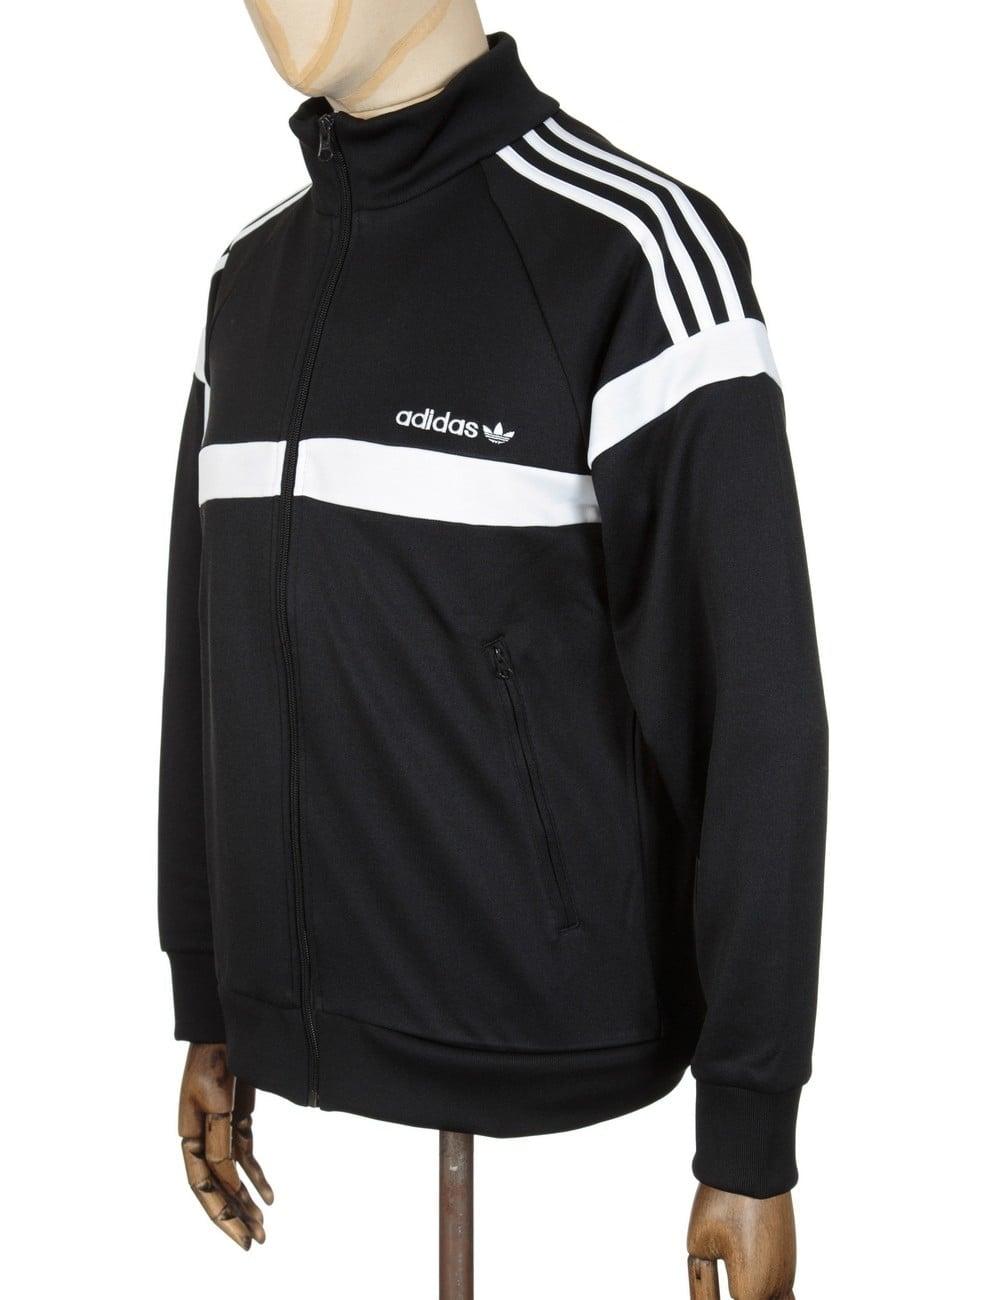 Adidas Originals Itasca Track Top